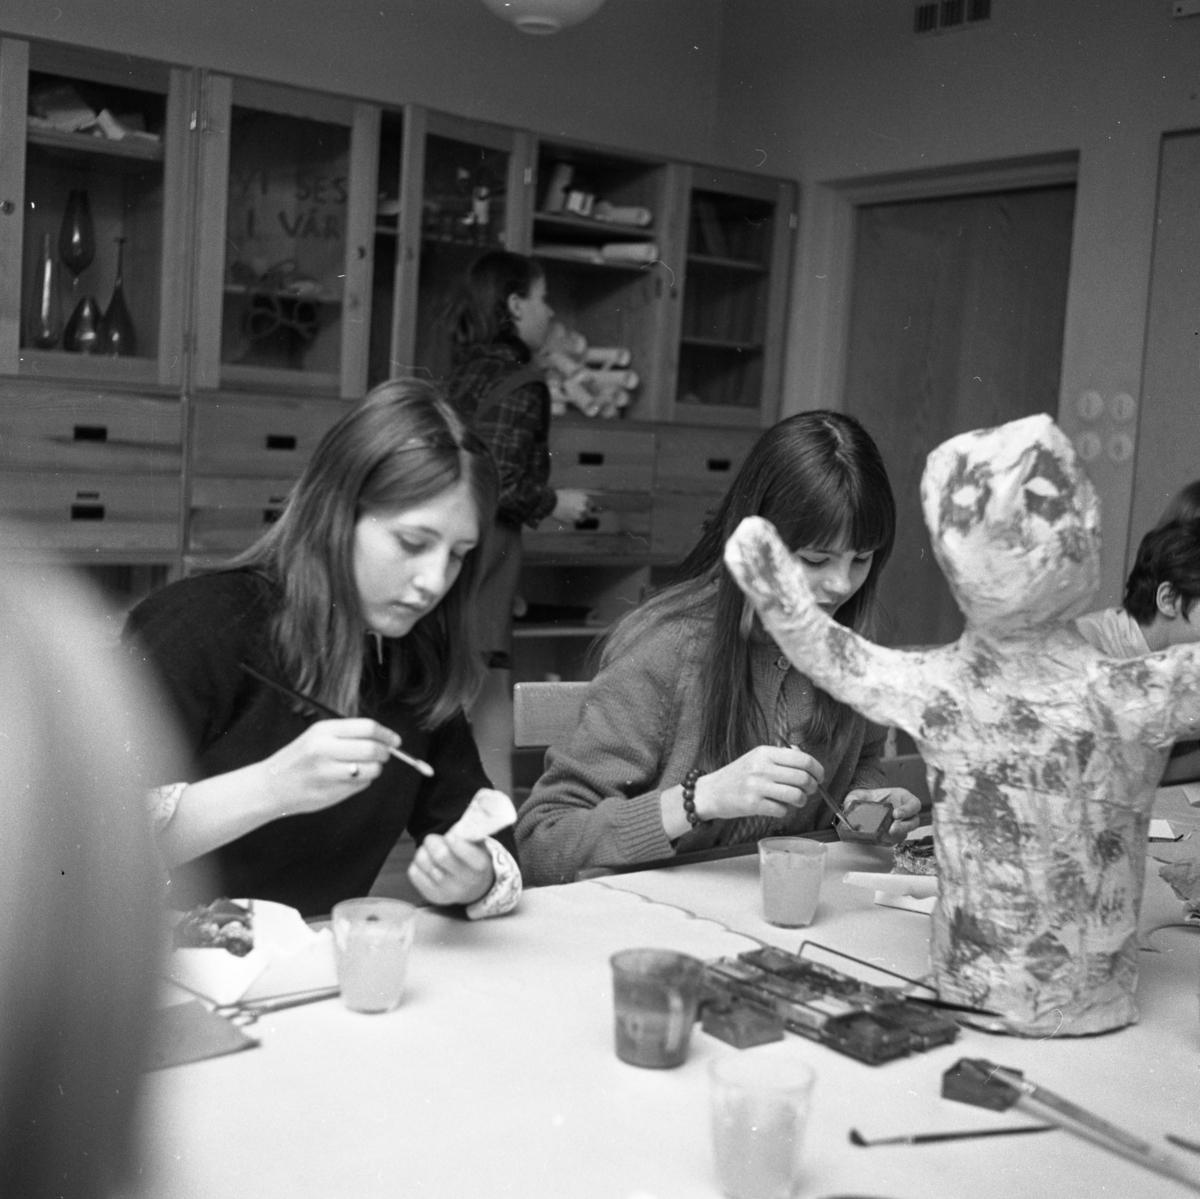 NA NT Teckningskurs på Stureskolan. Vid bordet sitter Annica Karlsson och Eva Nyberg. På arbetsbordet finns vattenfärger och penslar samt en figur av papier mache. Bakom flickorna ses skåp med material.